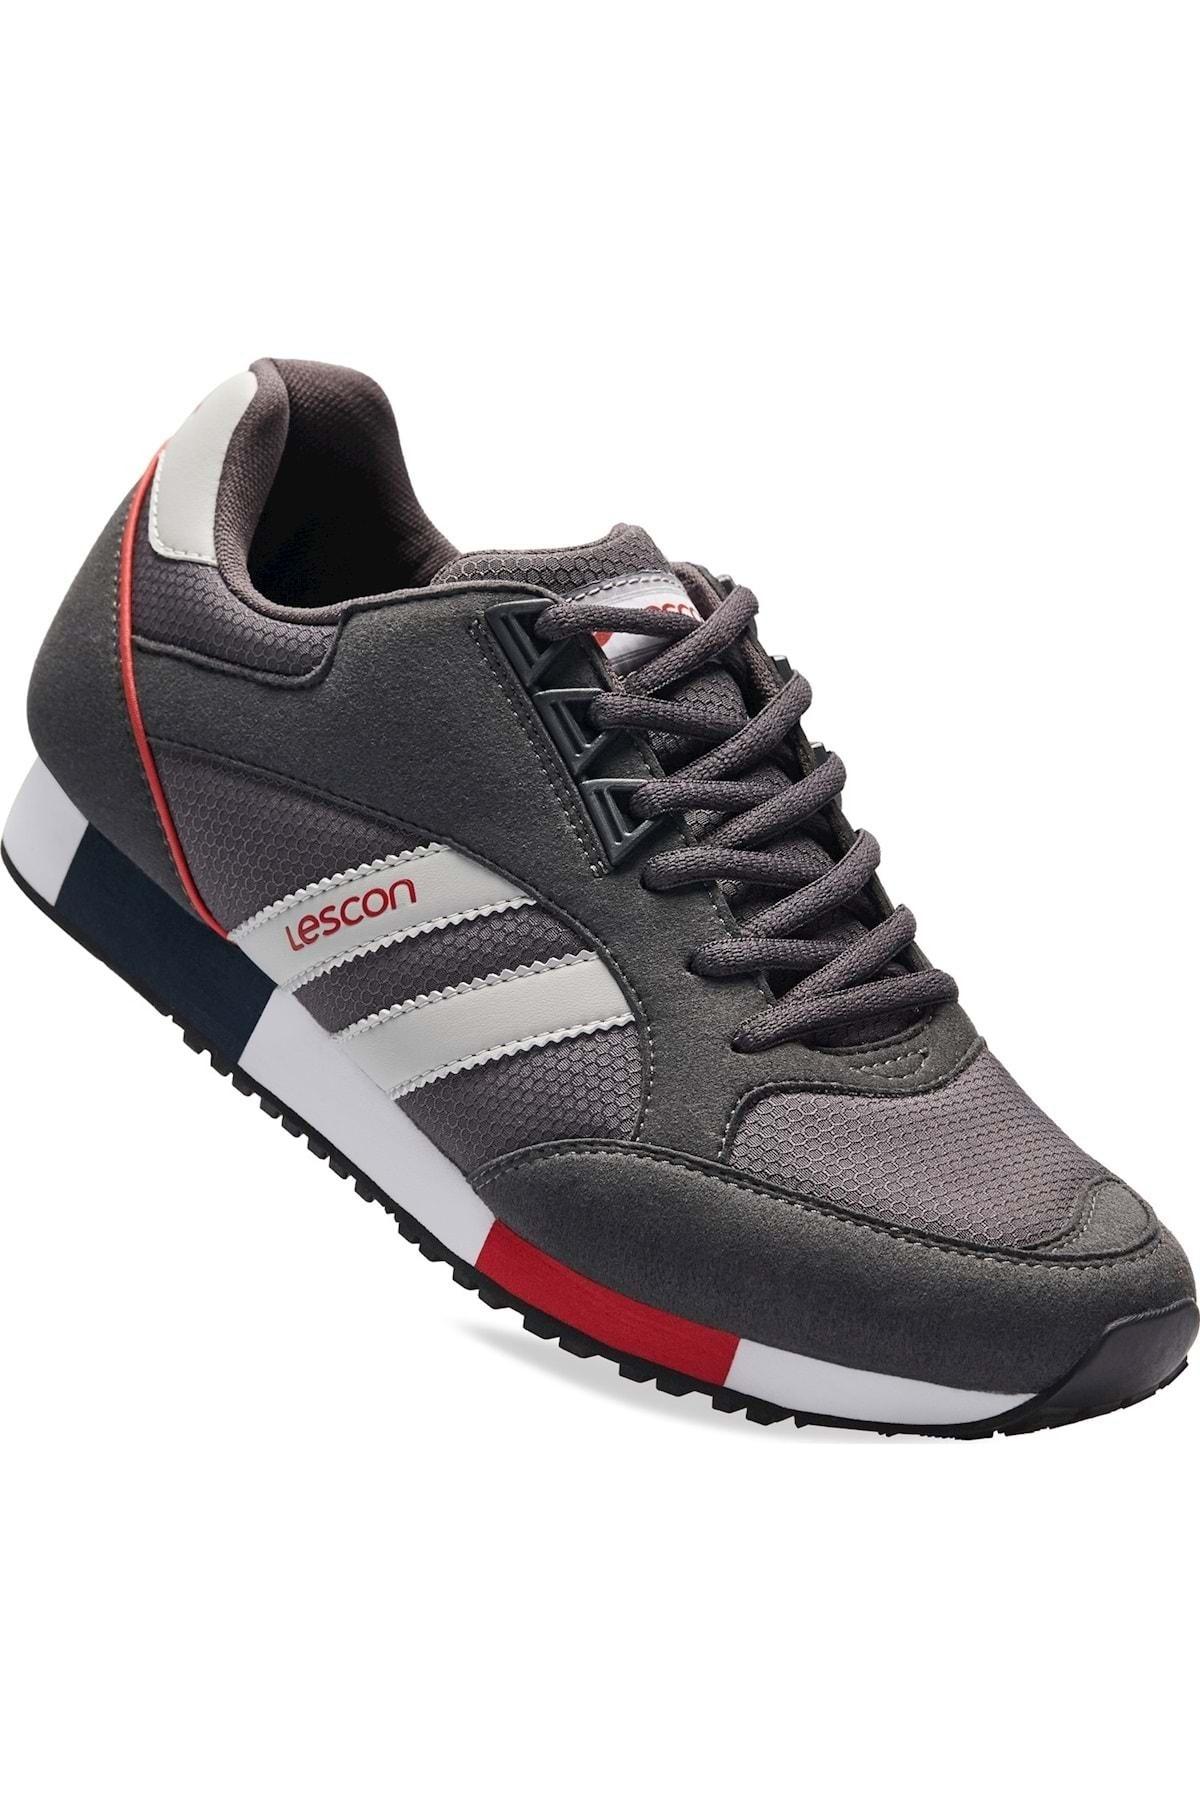 Lescon Unisex Füme Boston Sneaker Günlük Spor Ayakkabı 1